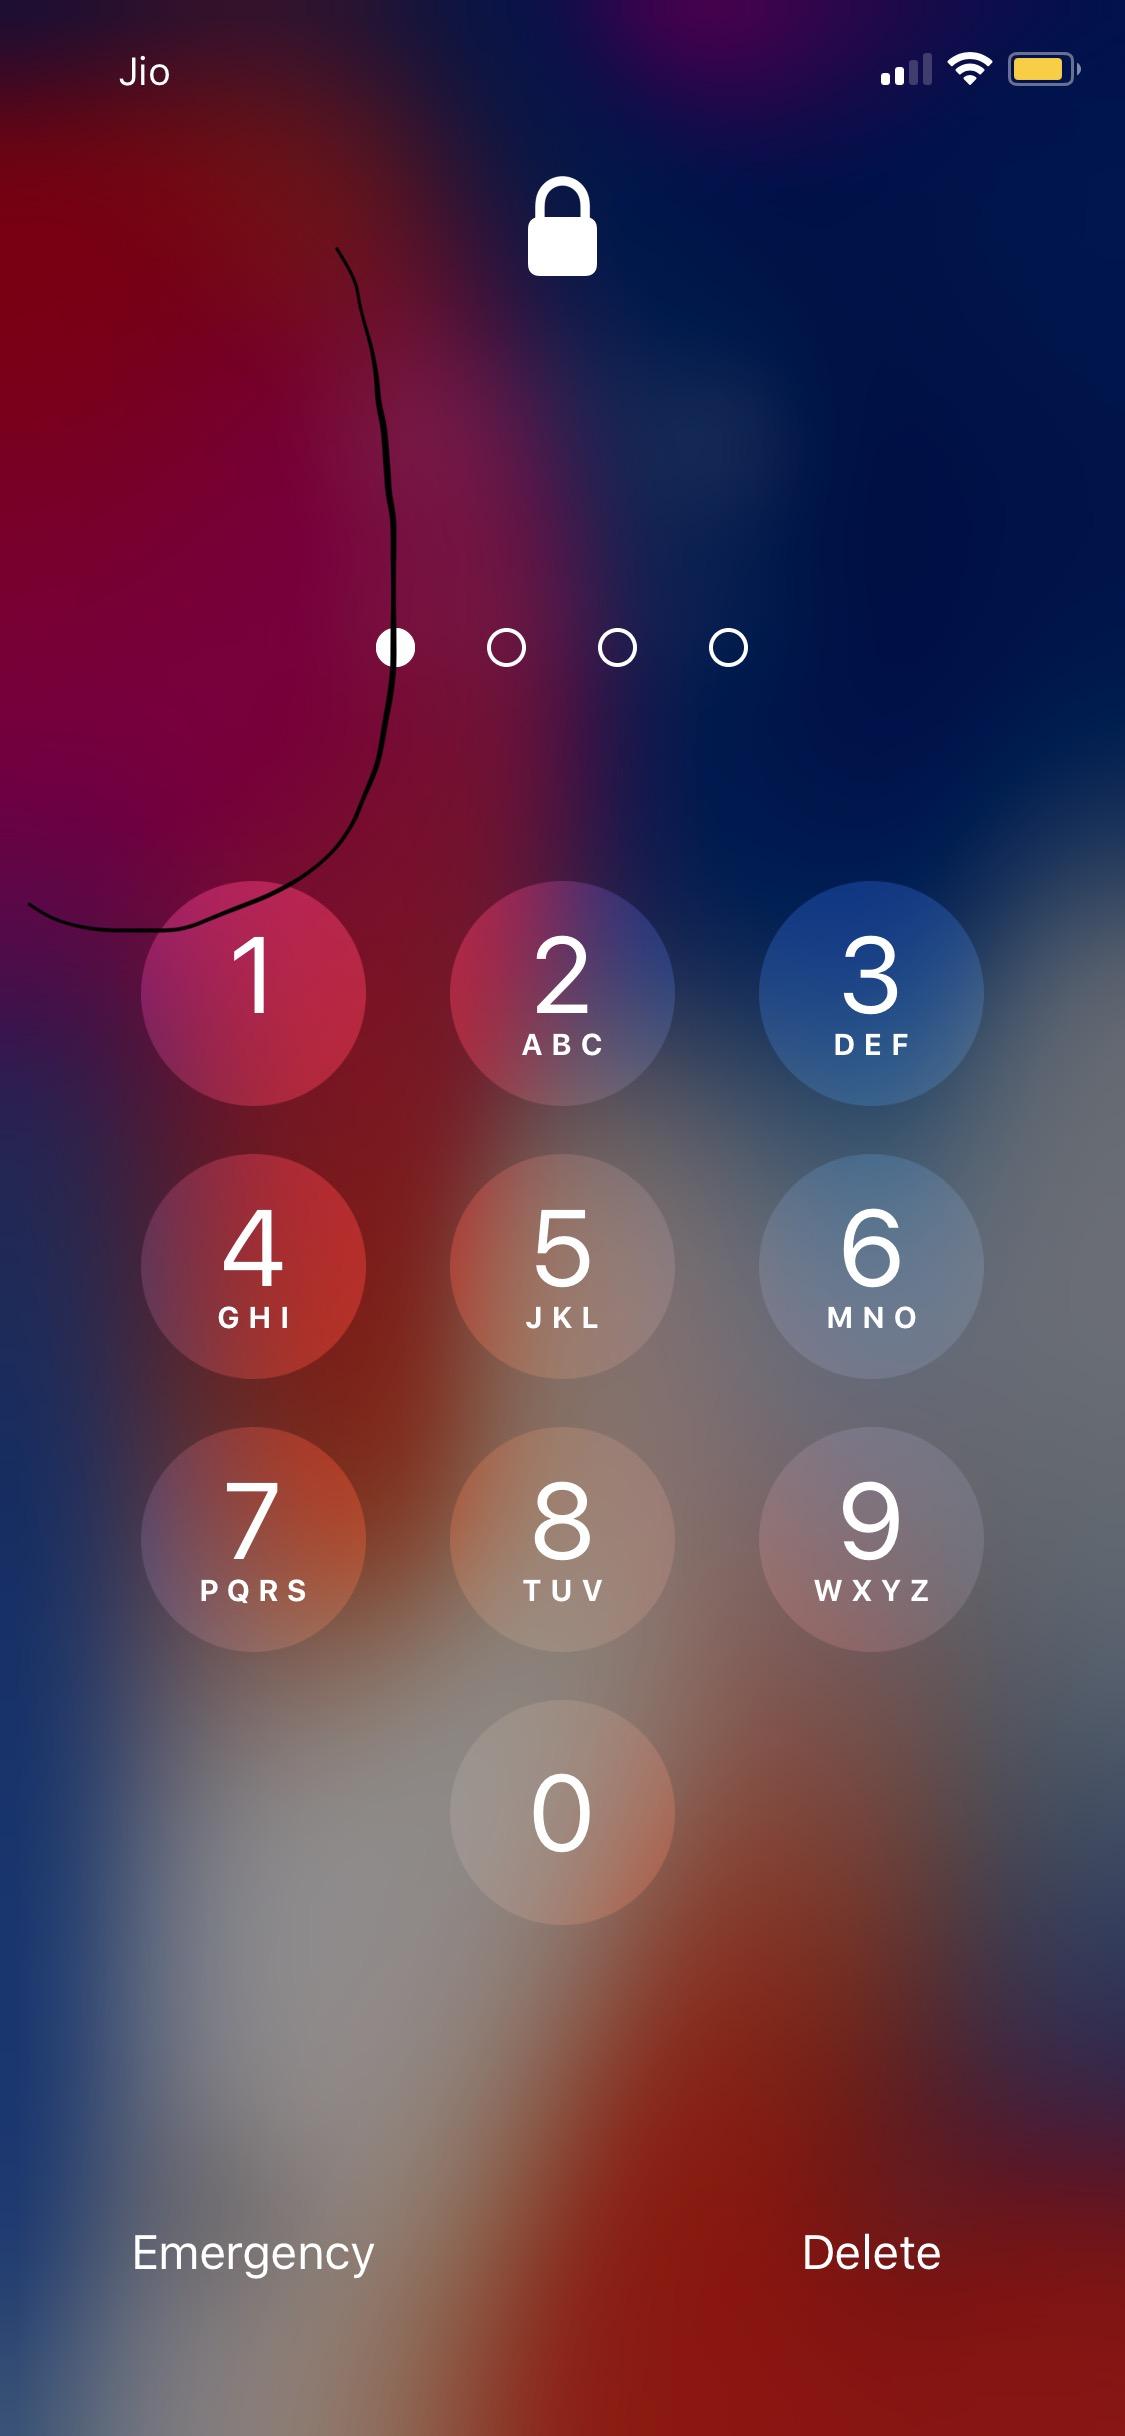 261531C6-B100-4EF3-9712-485D4CFC3519.jpeg